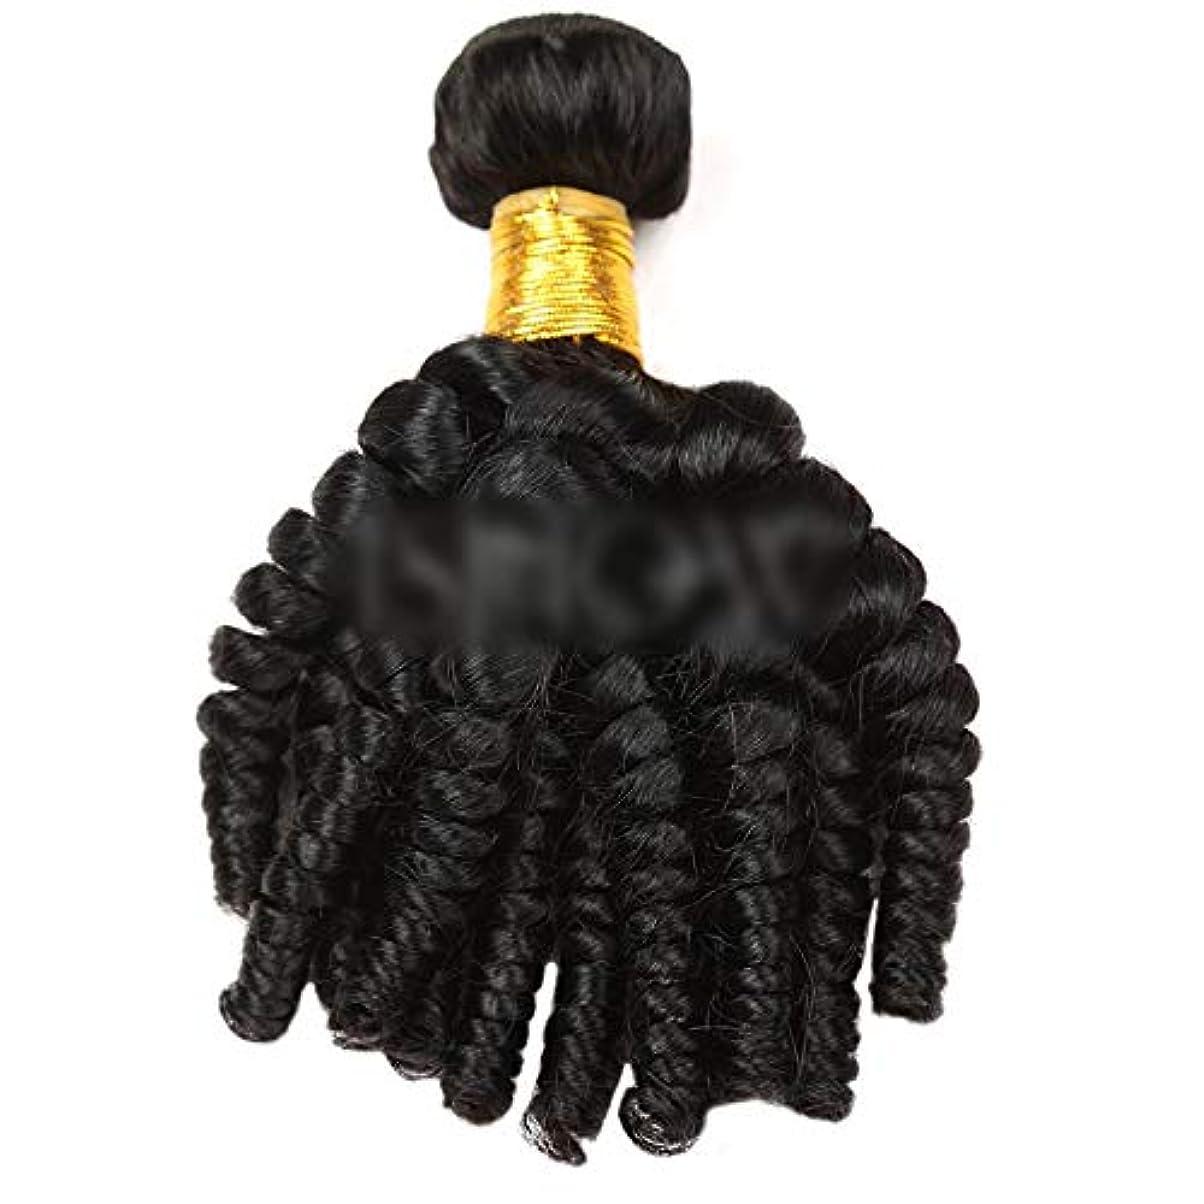 戦士レタス時折HOHYLLYA Funmi巻き毛人間の髪の毛の束自然な黒髪エクステンション1バンドル髪横糸複合毛レースのかつらロールプレイングかつらロングとショートの女性自然 (色 : 黒, サイズ : 20 inch)